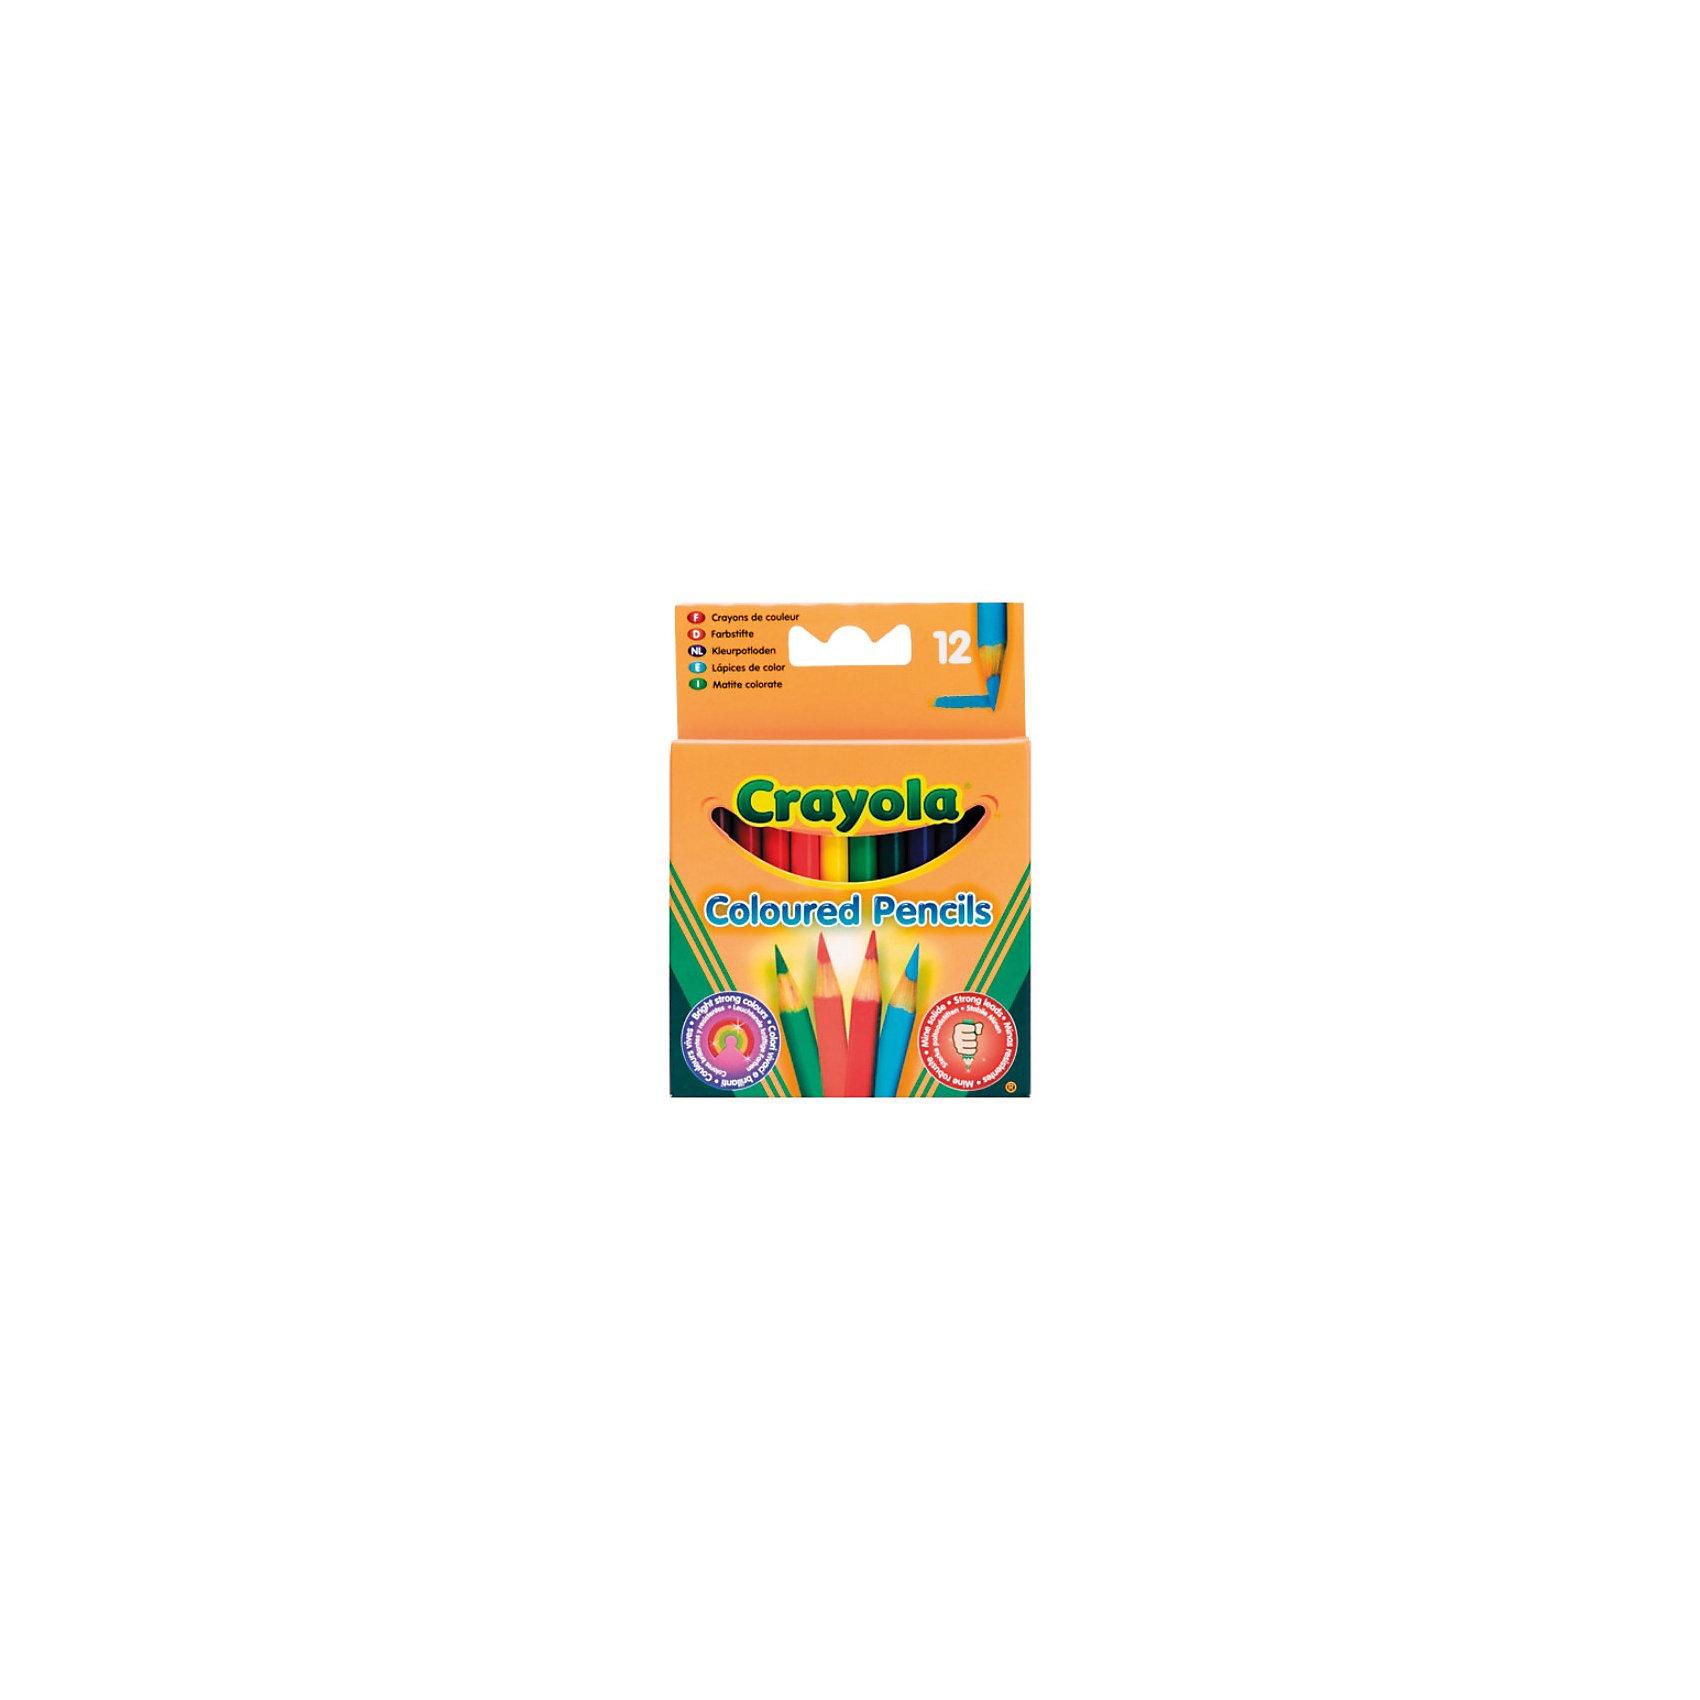 Набор из 12 коротких цветных карандашей, CrayolaВаш ребёнок очень любит рисовать, но Вы никак не можете найти для его творчества подходящие карандаши? Тогда Вам стоит обратить внимание на набор цветных карандашей от Crayola (Крайола).<br><br>Маленькие карандаши особенно удобны для детей, которым хочется нарисовать так много ярких и красивых картин! Карандаши очень прочные и не сломаются при первом использовании. В них много пигментов, поэтому цвета будут очень яркими. Отлично подходят для рисования, раскрашивания, создания фона и ретуширования. Особая мягкость грифеля обеспечивает ровное нанесение цвета.<br><br>Набор из 12 коротких цветных карандашей от Crayola (Крайола) можно купить в нашем интернет-магазине.<br><br>Дополнительная информация:<br>Длина карандаша: 8,5 см<br>Диаметр: 0,7 см<br><br>Ширина мм: 90<br>Глубина мм: 100<br>Высота мм: 8<br>Вес г: 40<br>Возраст от месяцев: 36<br>Возраст до месяцев: 1188<br>Пол: Унисекс<br>Возраст: Детский<br>SKU: 2149664